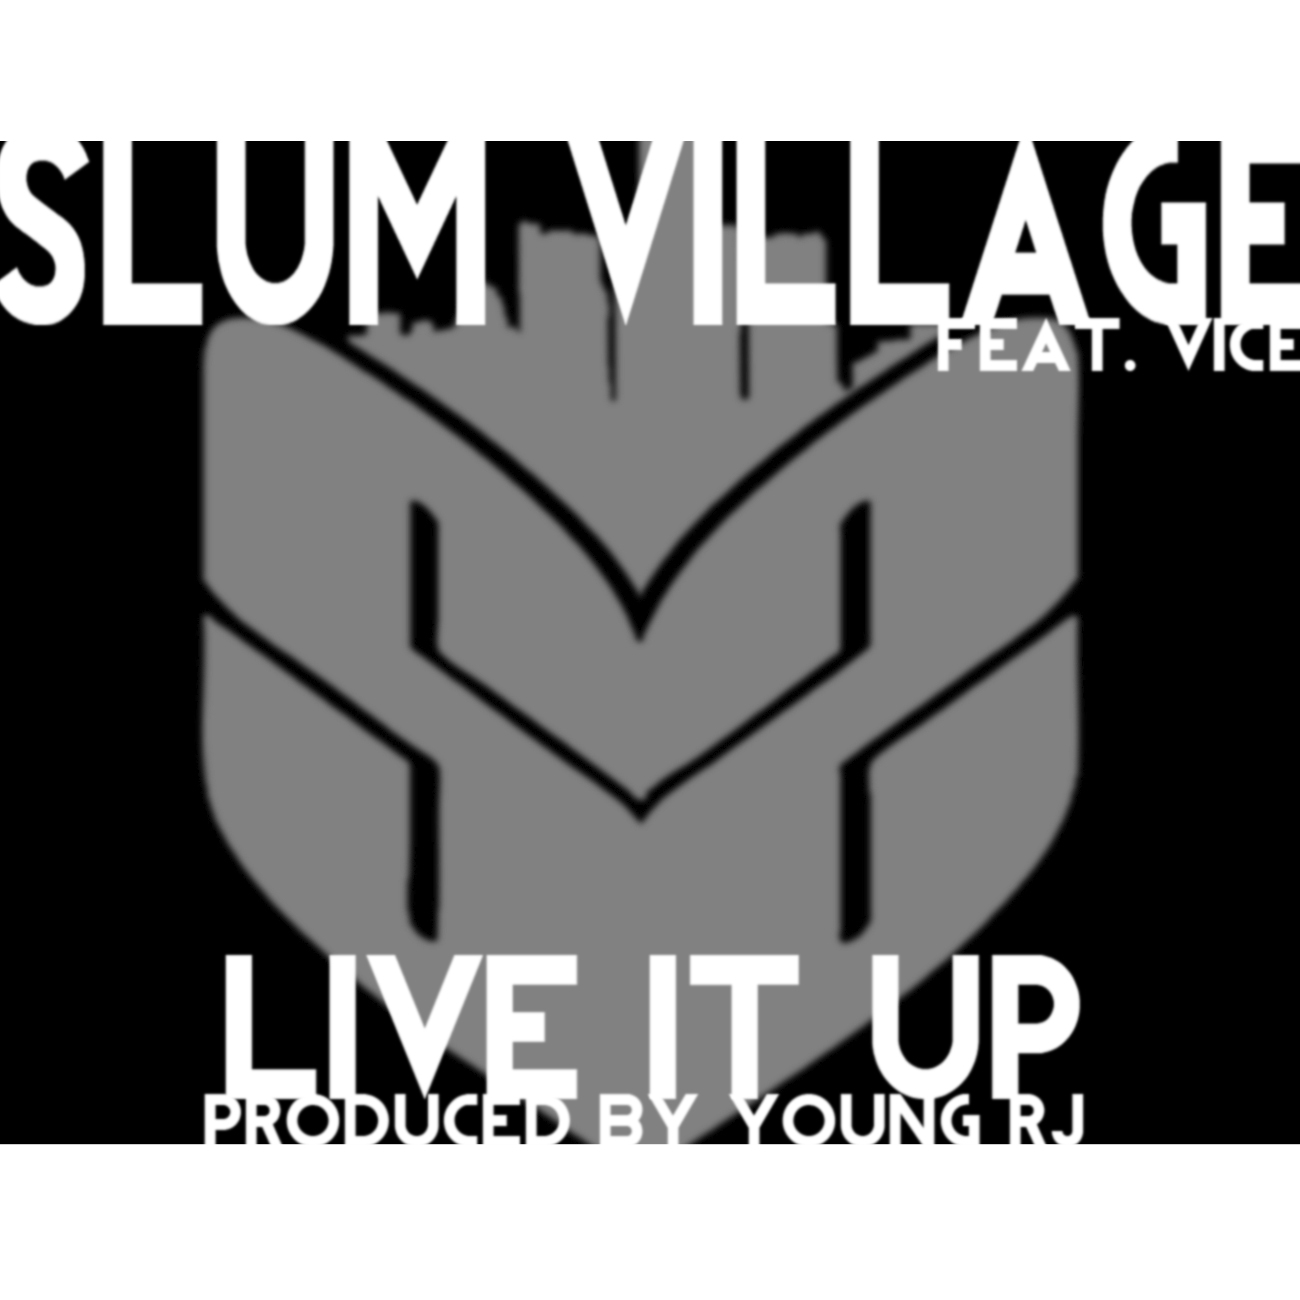 Slum Village - Live It Up ft Vice (Audio)